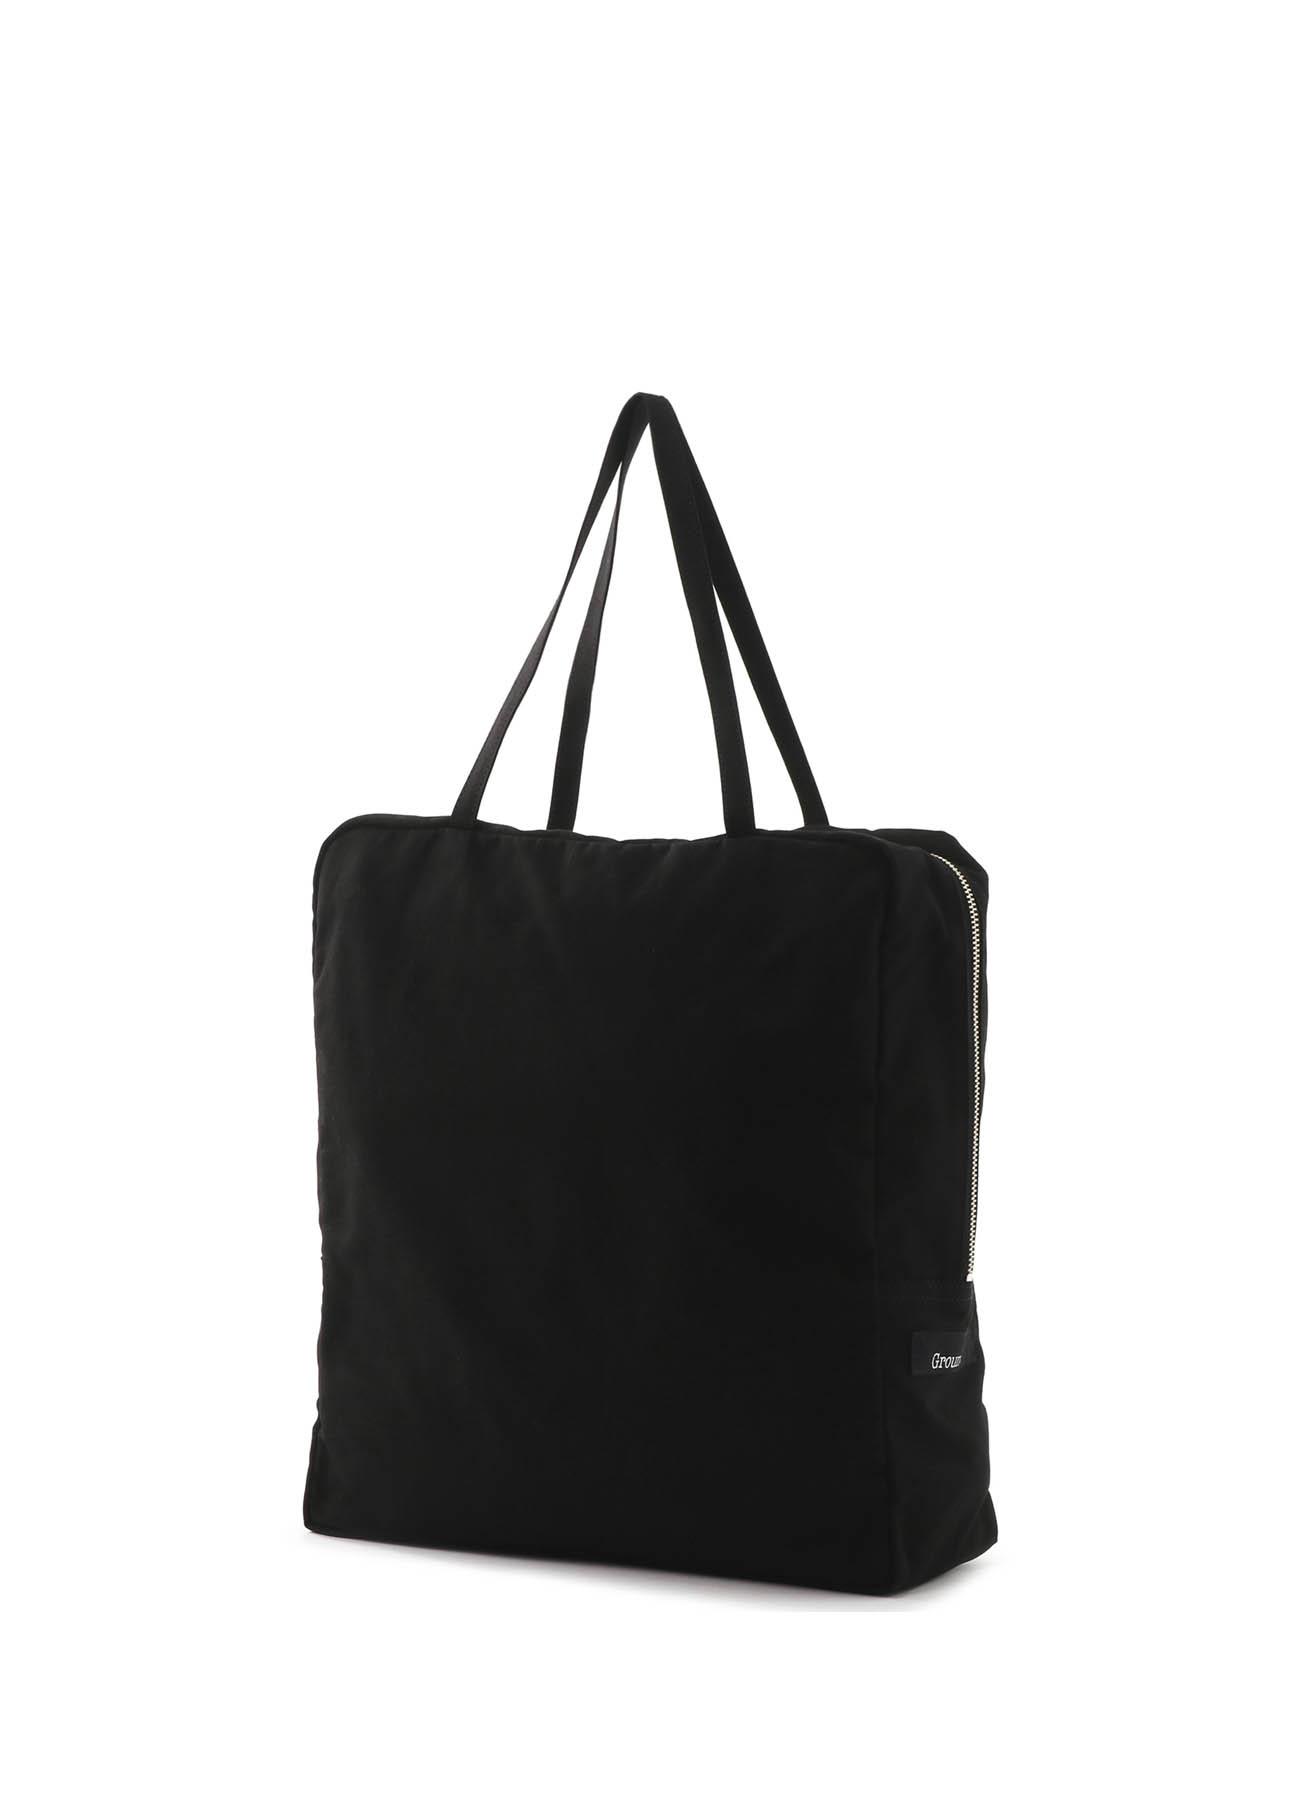 Cotton Zipper Bag